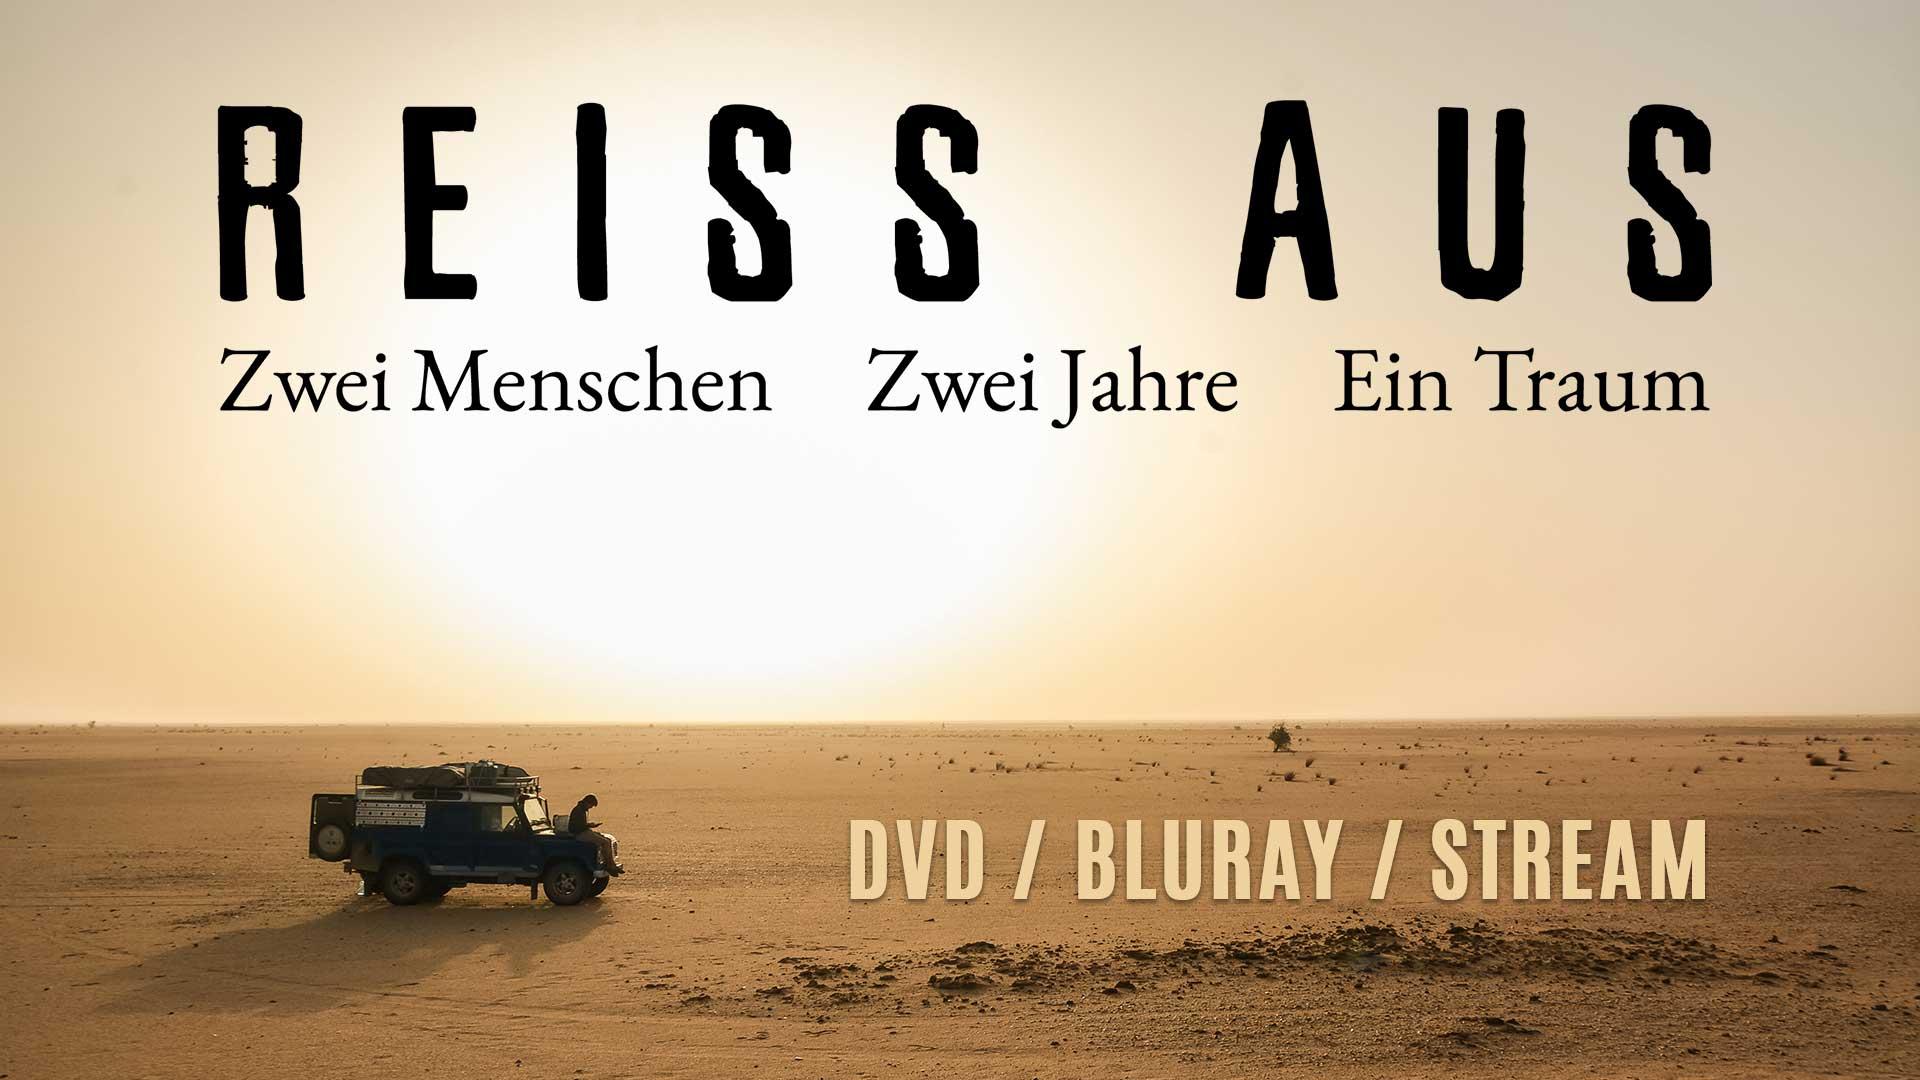 REISS AUS - jetzt online im Stream ansehen. Auch verfügbar als DVD und Bluray